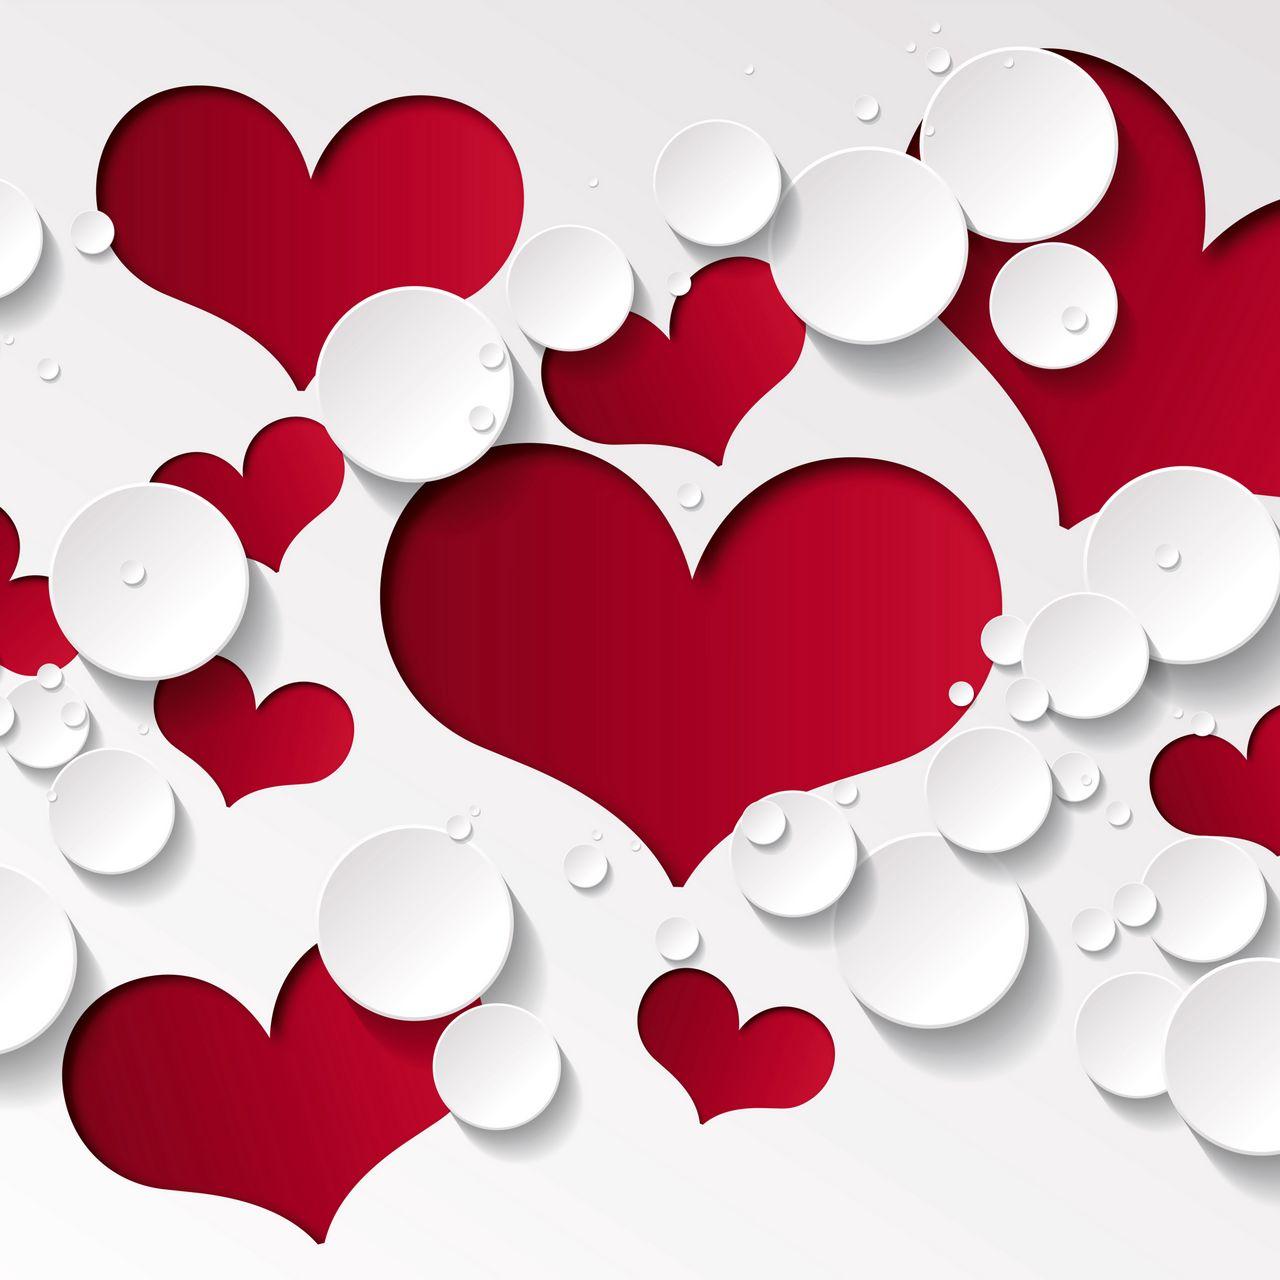 1280x1280 Wallpaper heart, shape, pattern